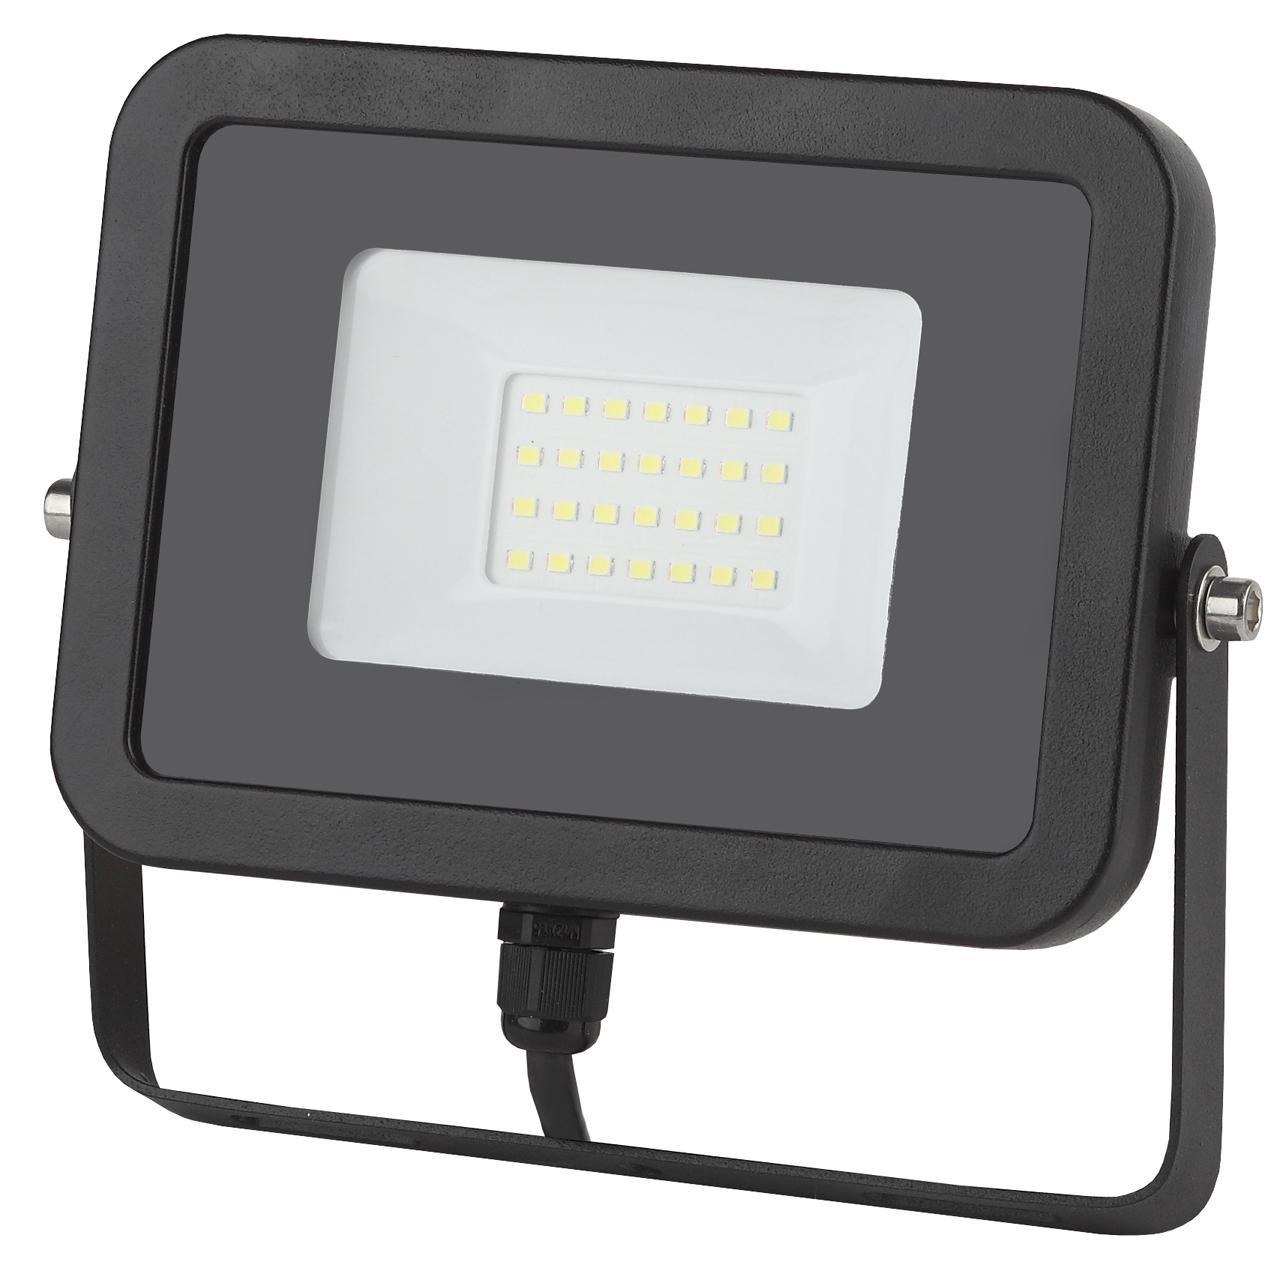 Прожектор Эра LPR-30-4000K SMD Eco Slim, 30 Вт прожектор эра 30 вт